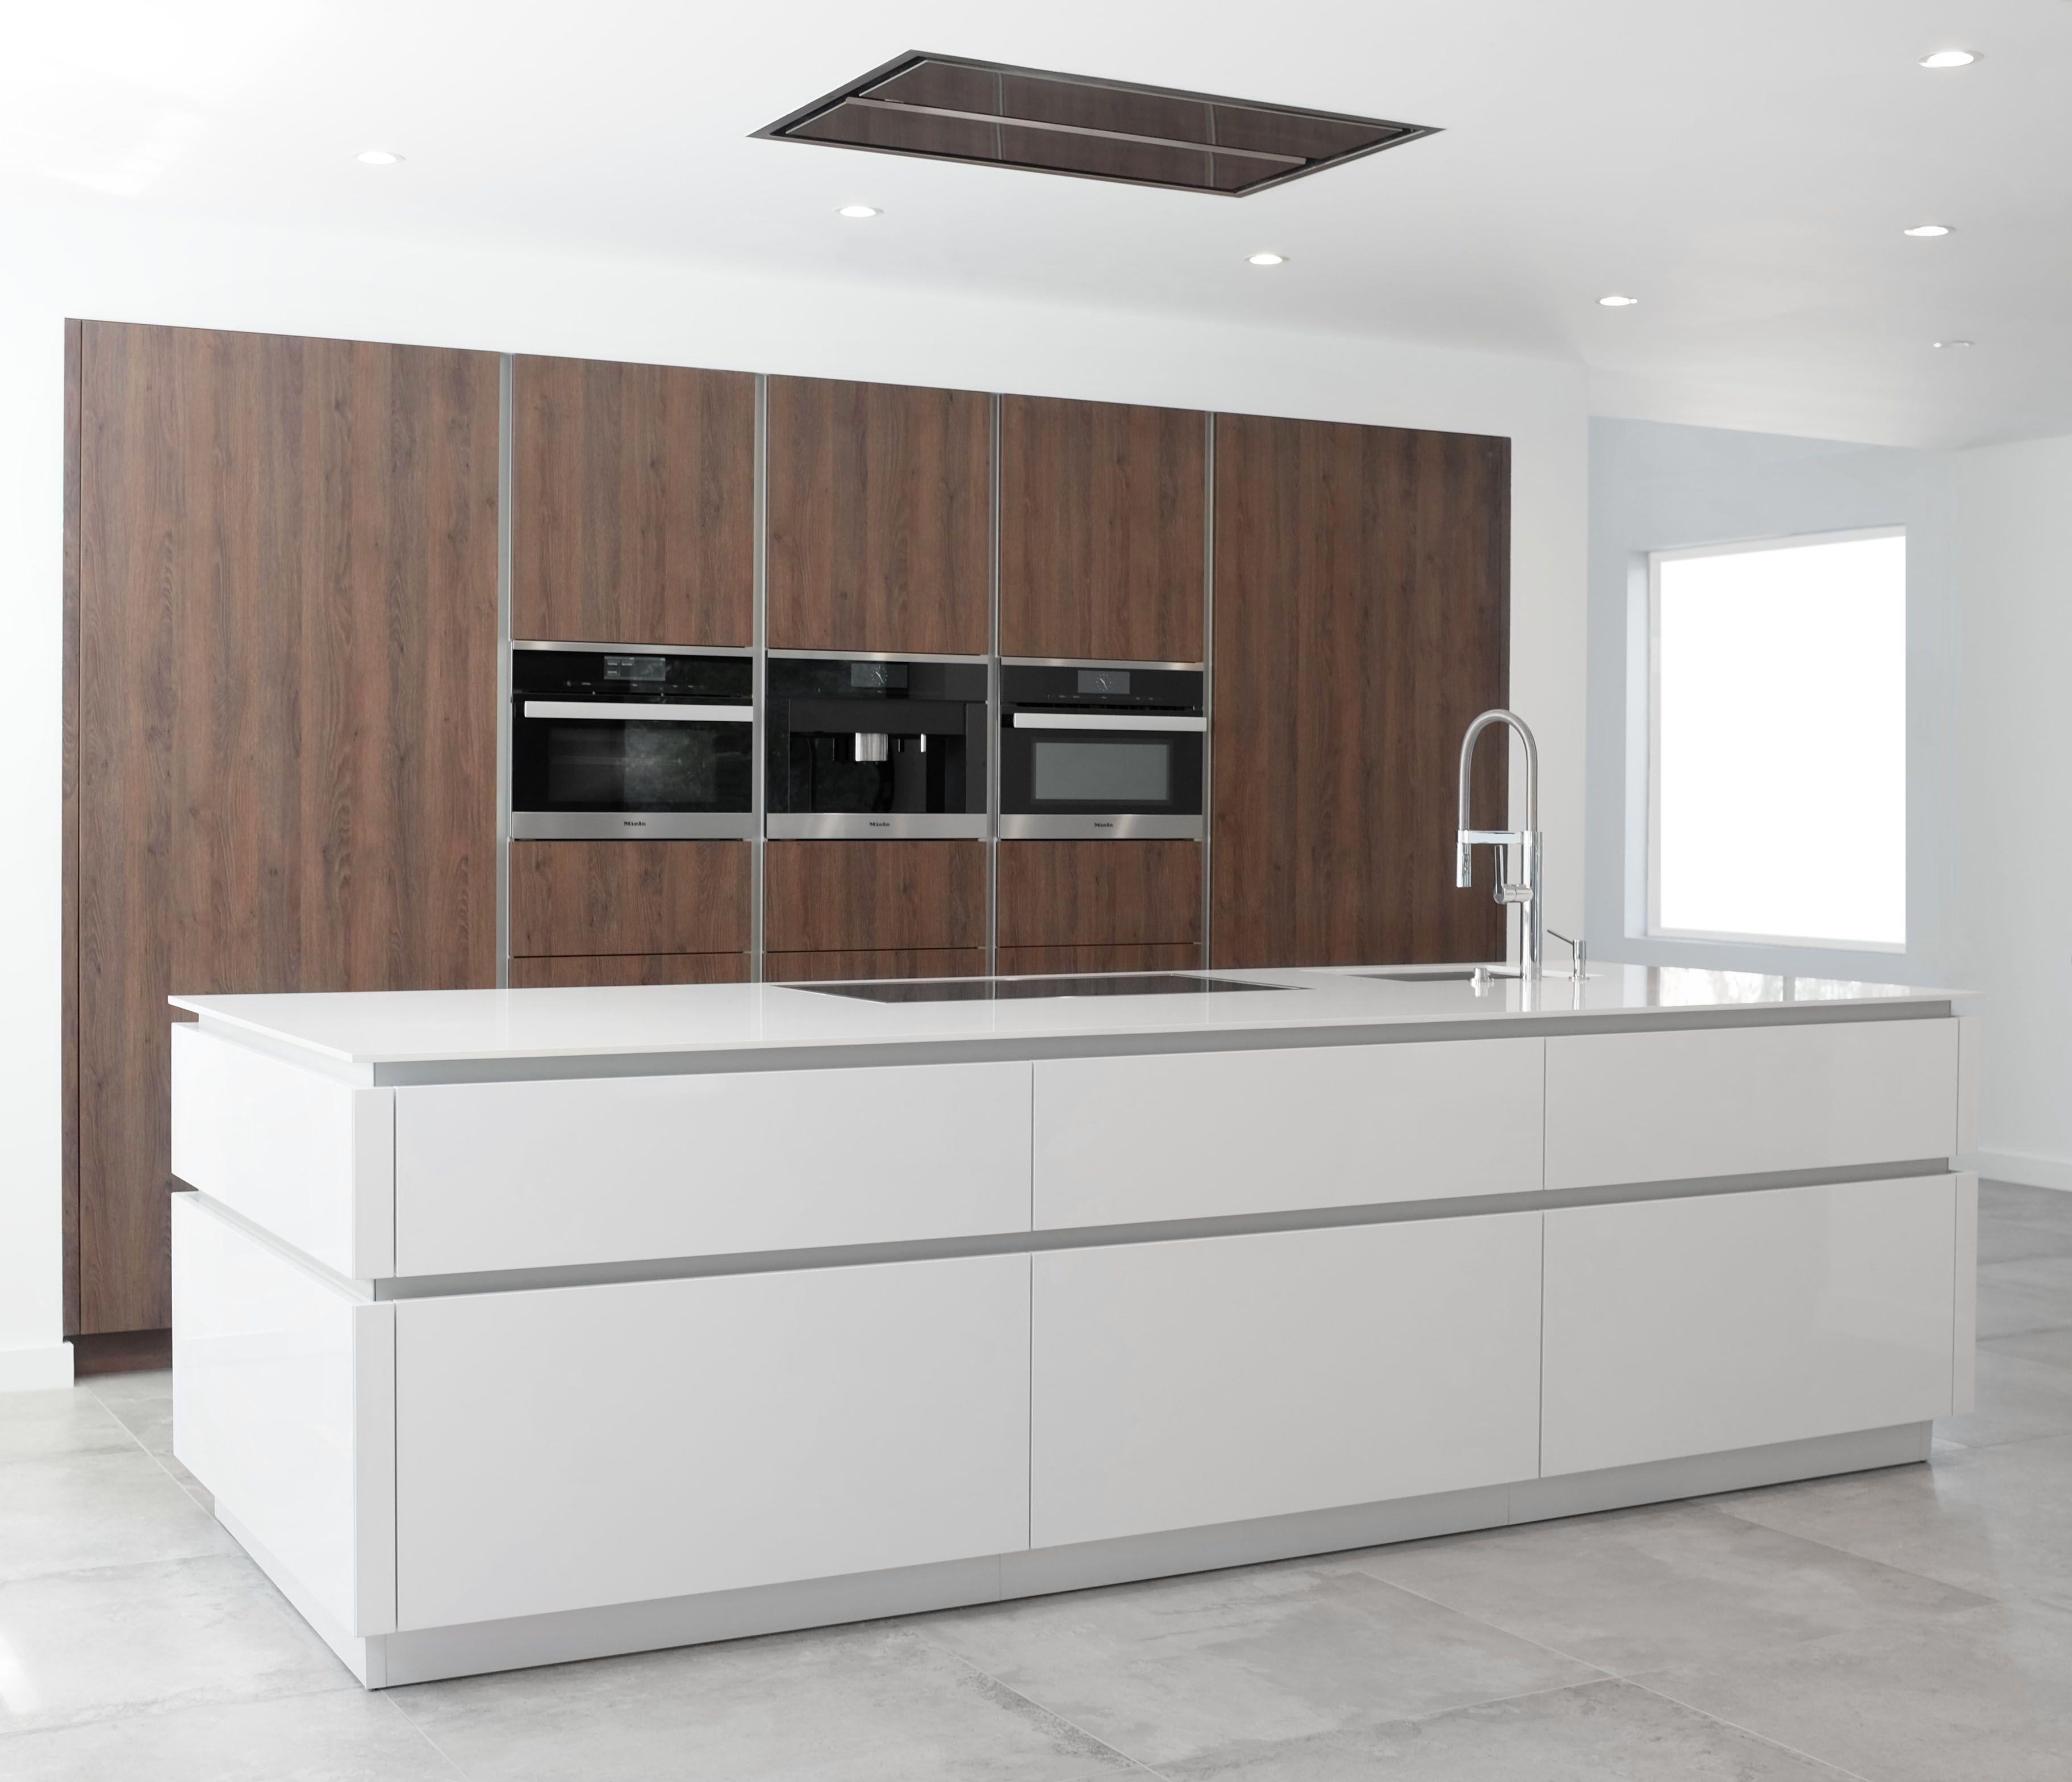 Strakke Moderne Keuken Met Houten Kasten Wand